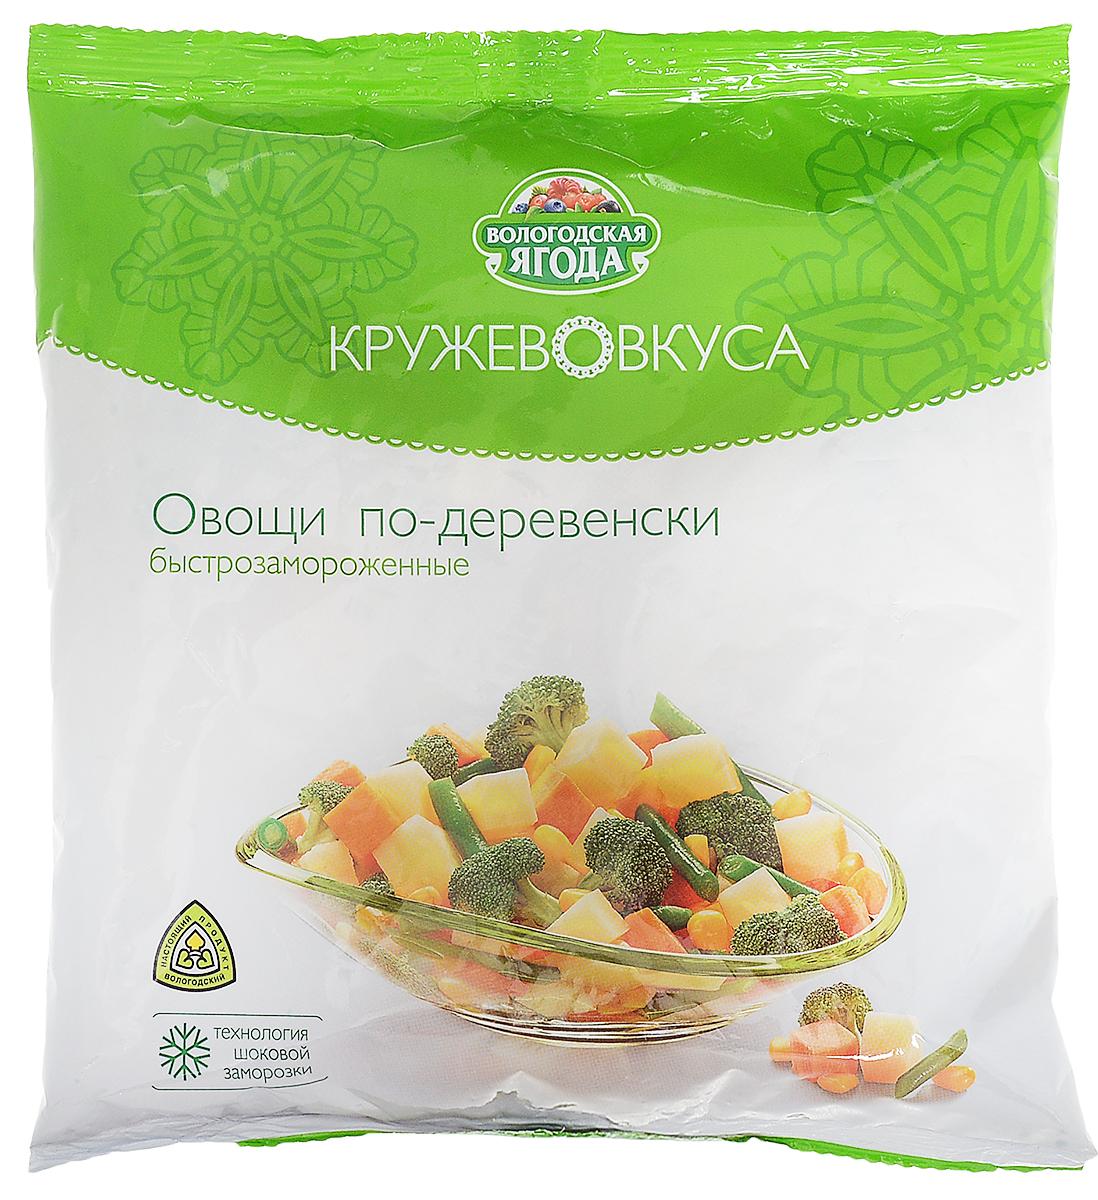 Кружево Вкуса Смесь Овощи по-деревенски, 400 г кружево вкуса щавелевый суп 400 г